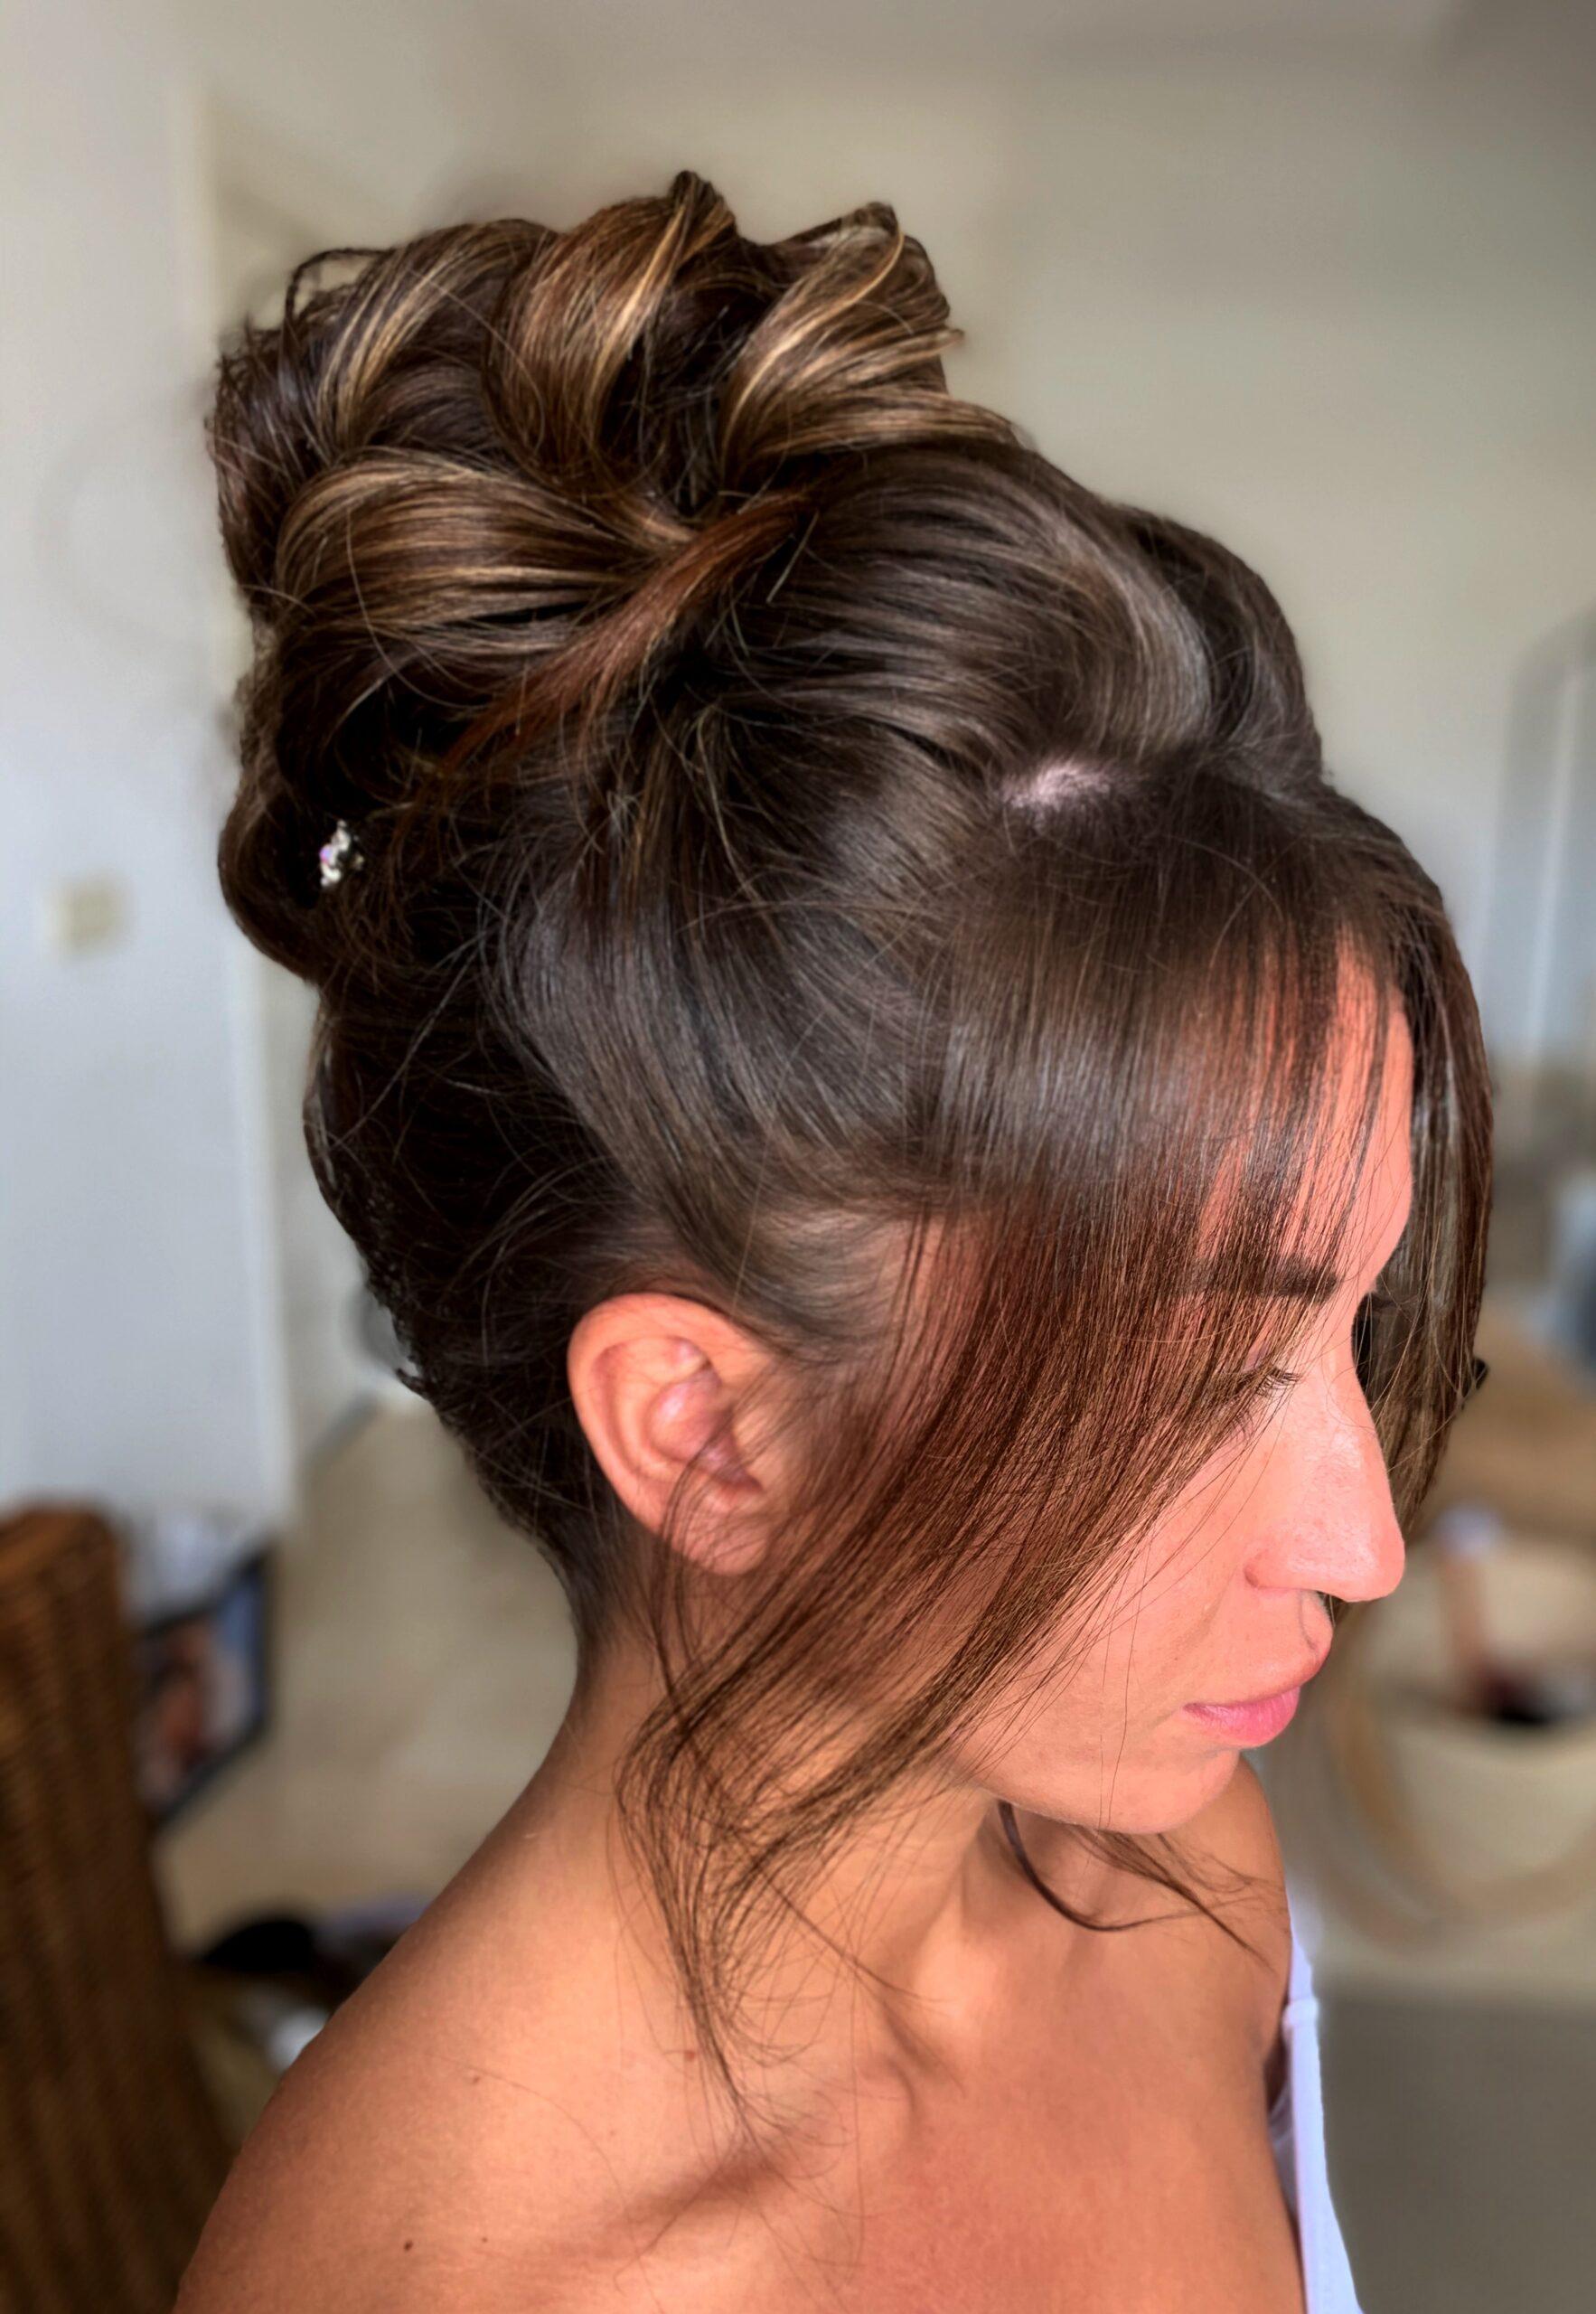 Flavia, hair stylist